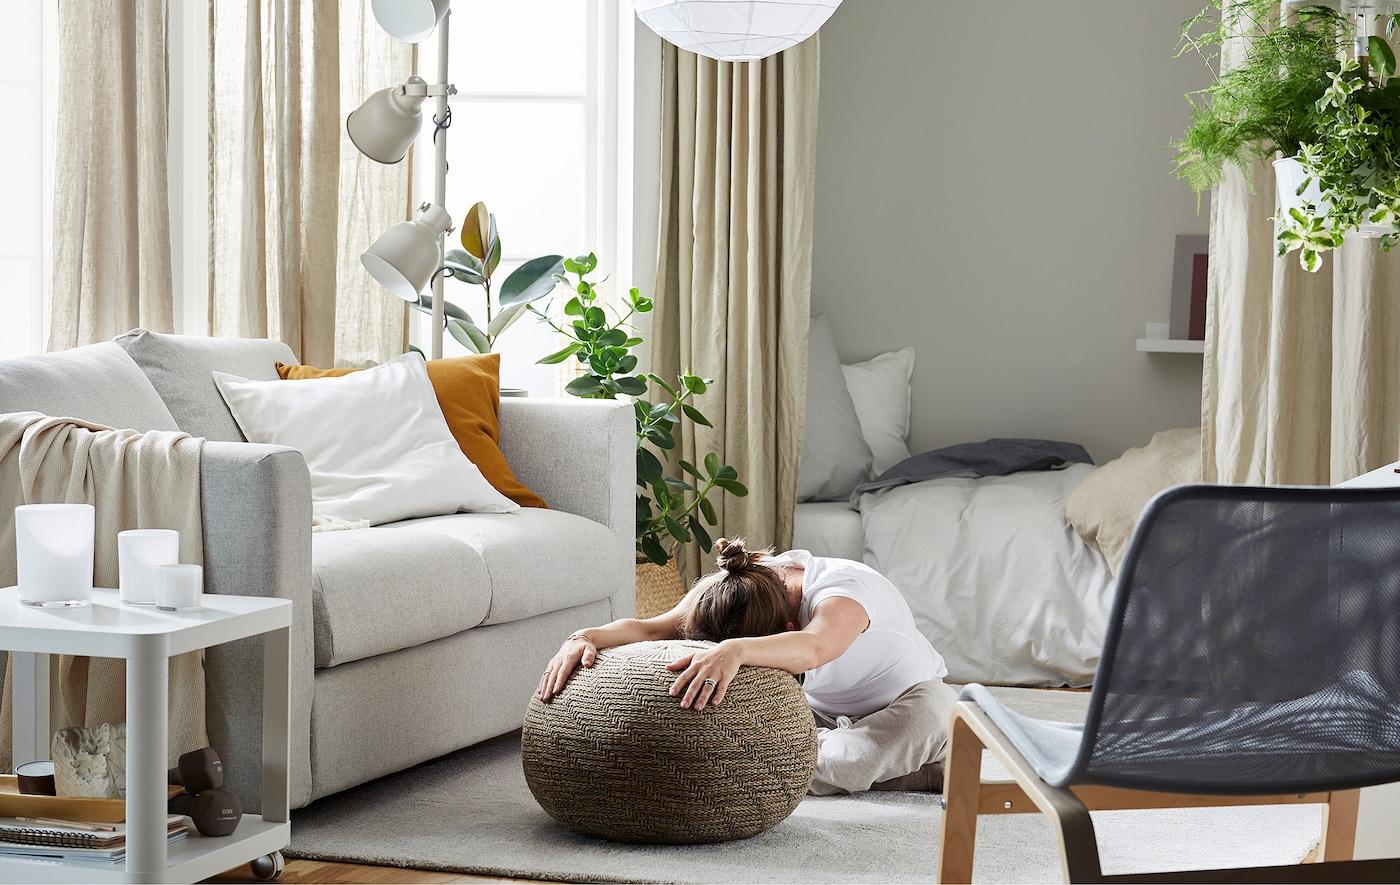 Kvinde sidder på et tæppe i stuen med benene bøjet under sig. Hun læner sig forover, og armene hviler på en puf.